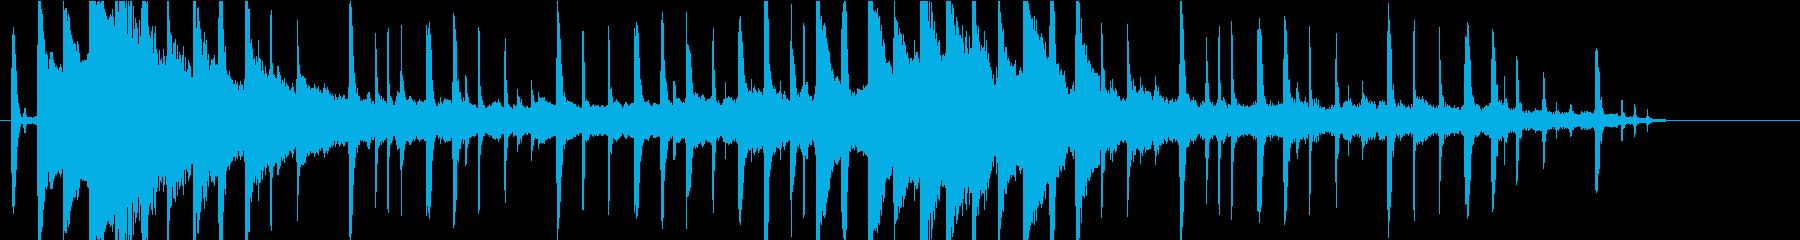 やさしくて落ち着きあるピアノBGMの再生済みの波形